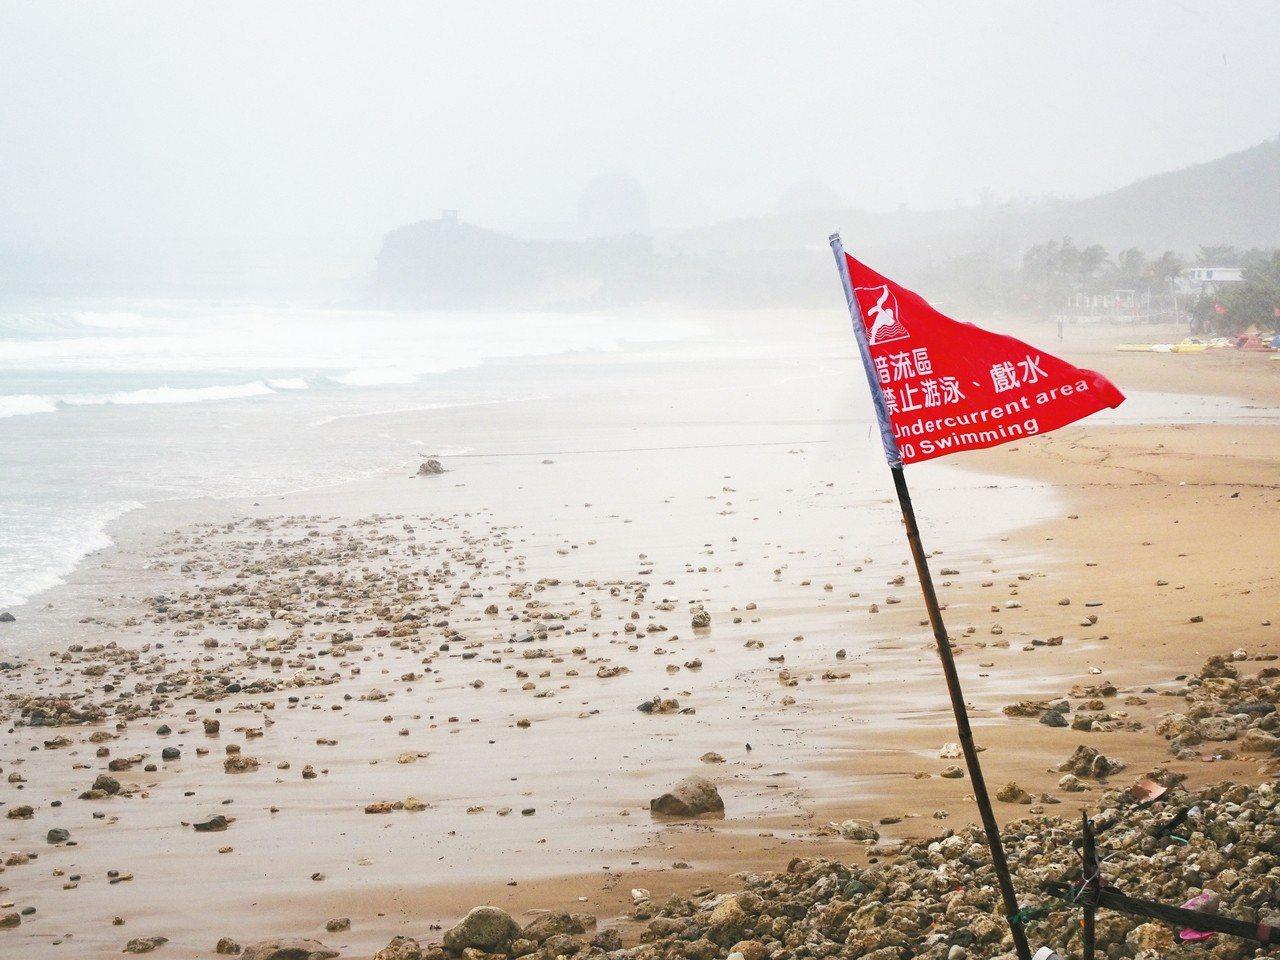 屏東墾丁昨天烏雲蔽日,海岸掀起逾2公尺長浪,岸邊均插上禁止下水的紅旗。 記者潘欣...